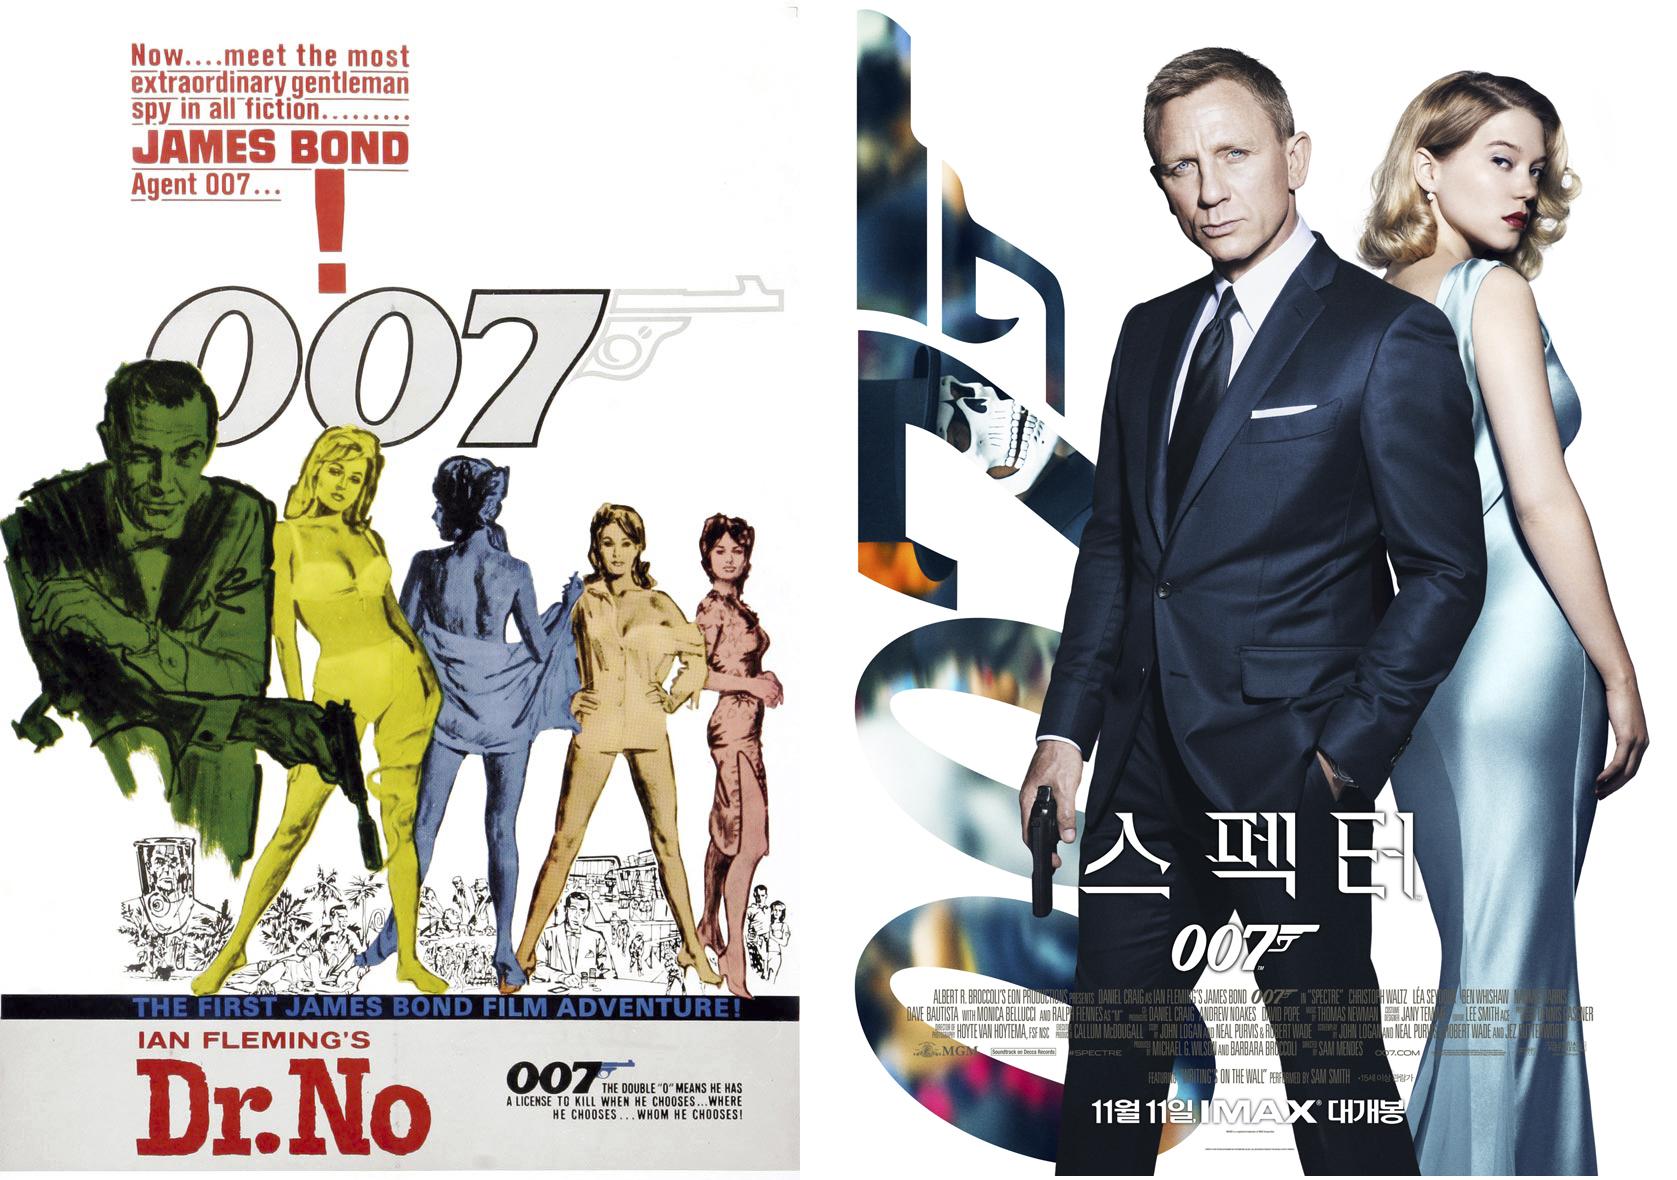 1962년 007 시리즈의 첫 영화였던, '007 살인번호'와 2015년 24번째 007 시리즈인 '007 스펙터'